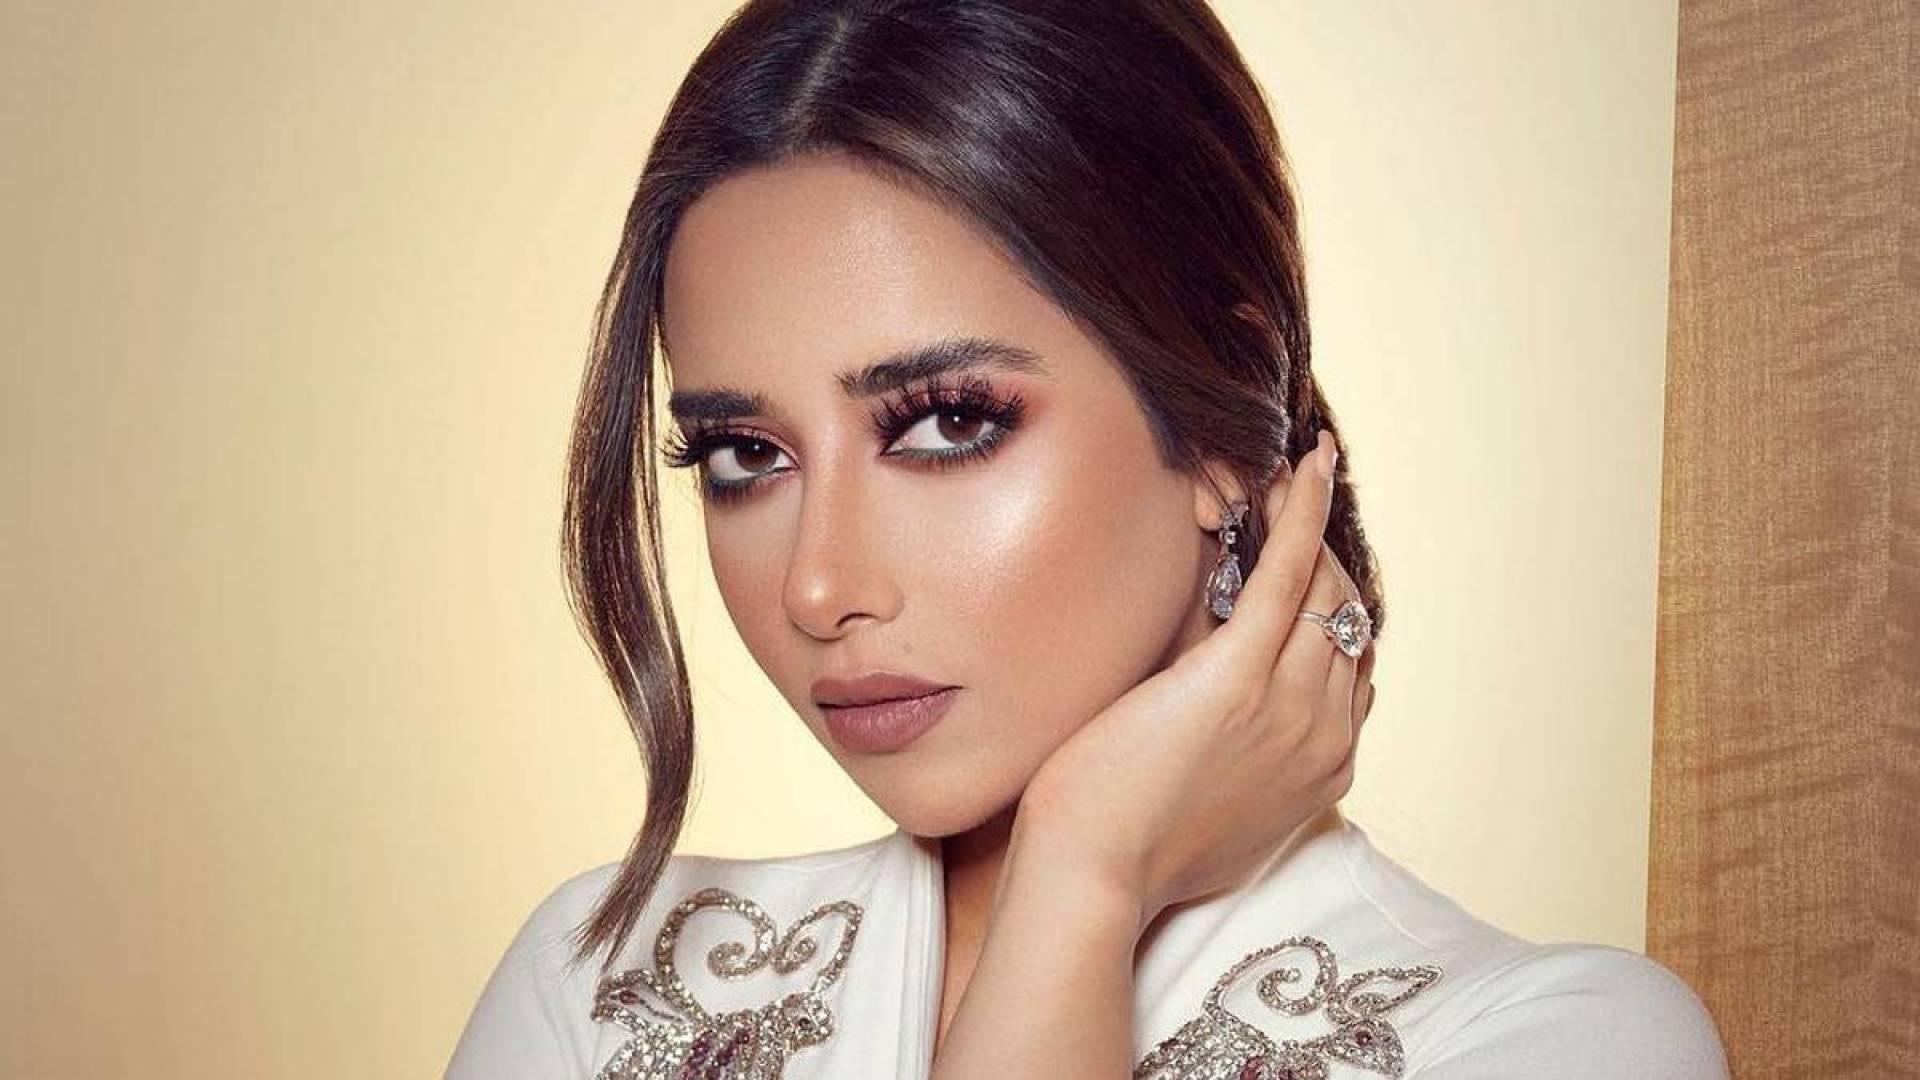 بلقيس فتحي تثير الجدل بسبب دعايا أغنيتها الجديدة